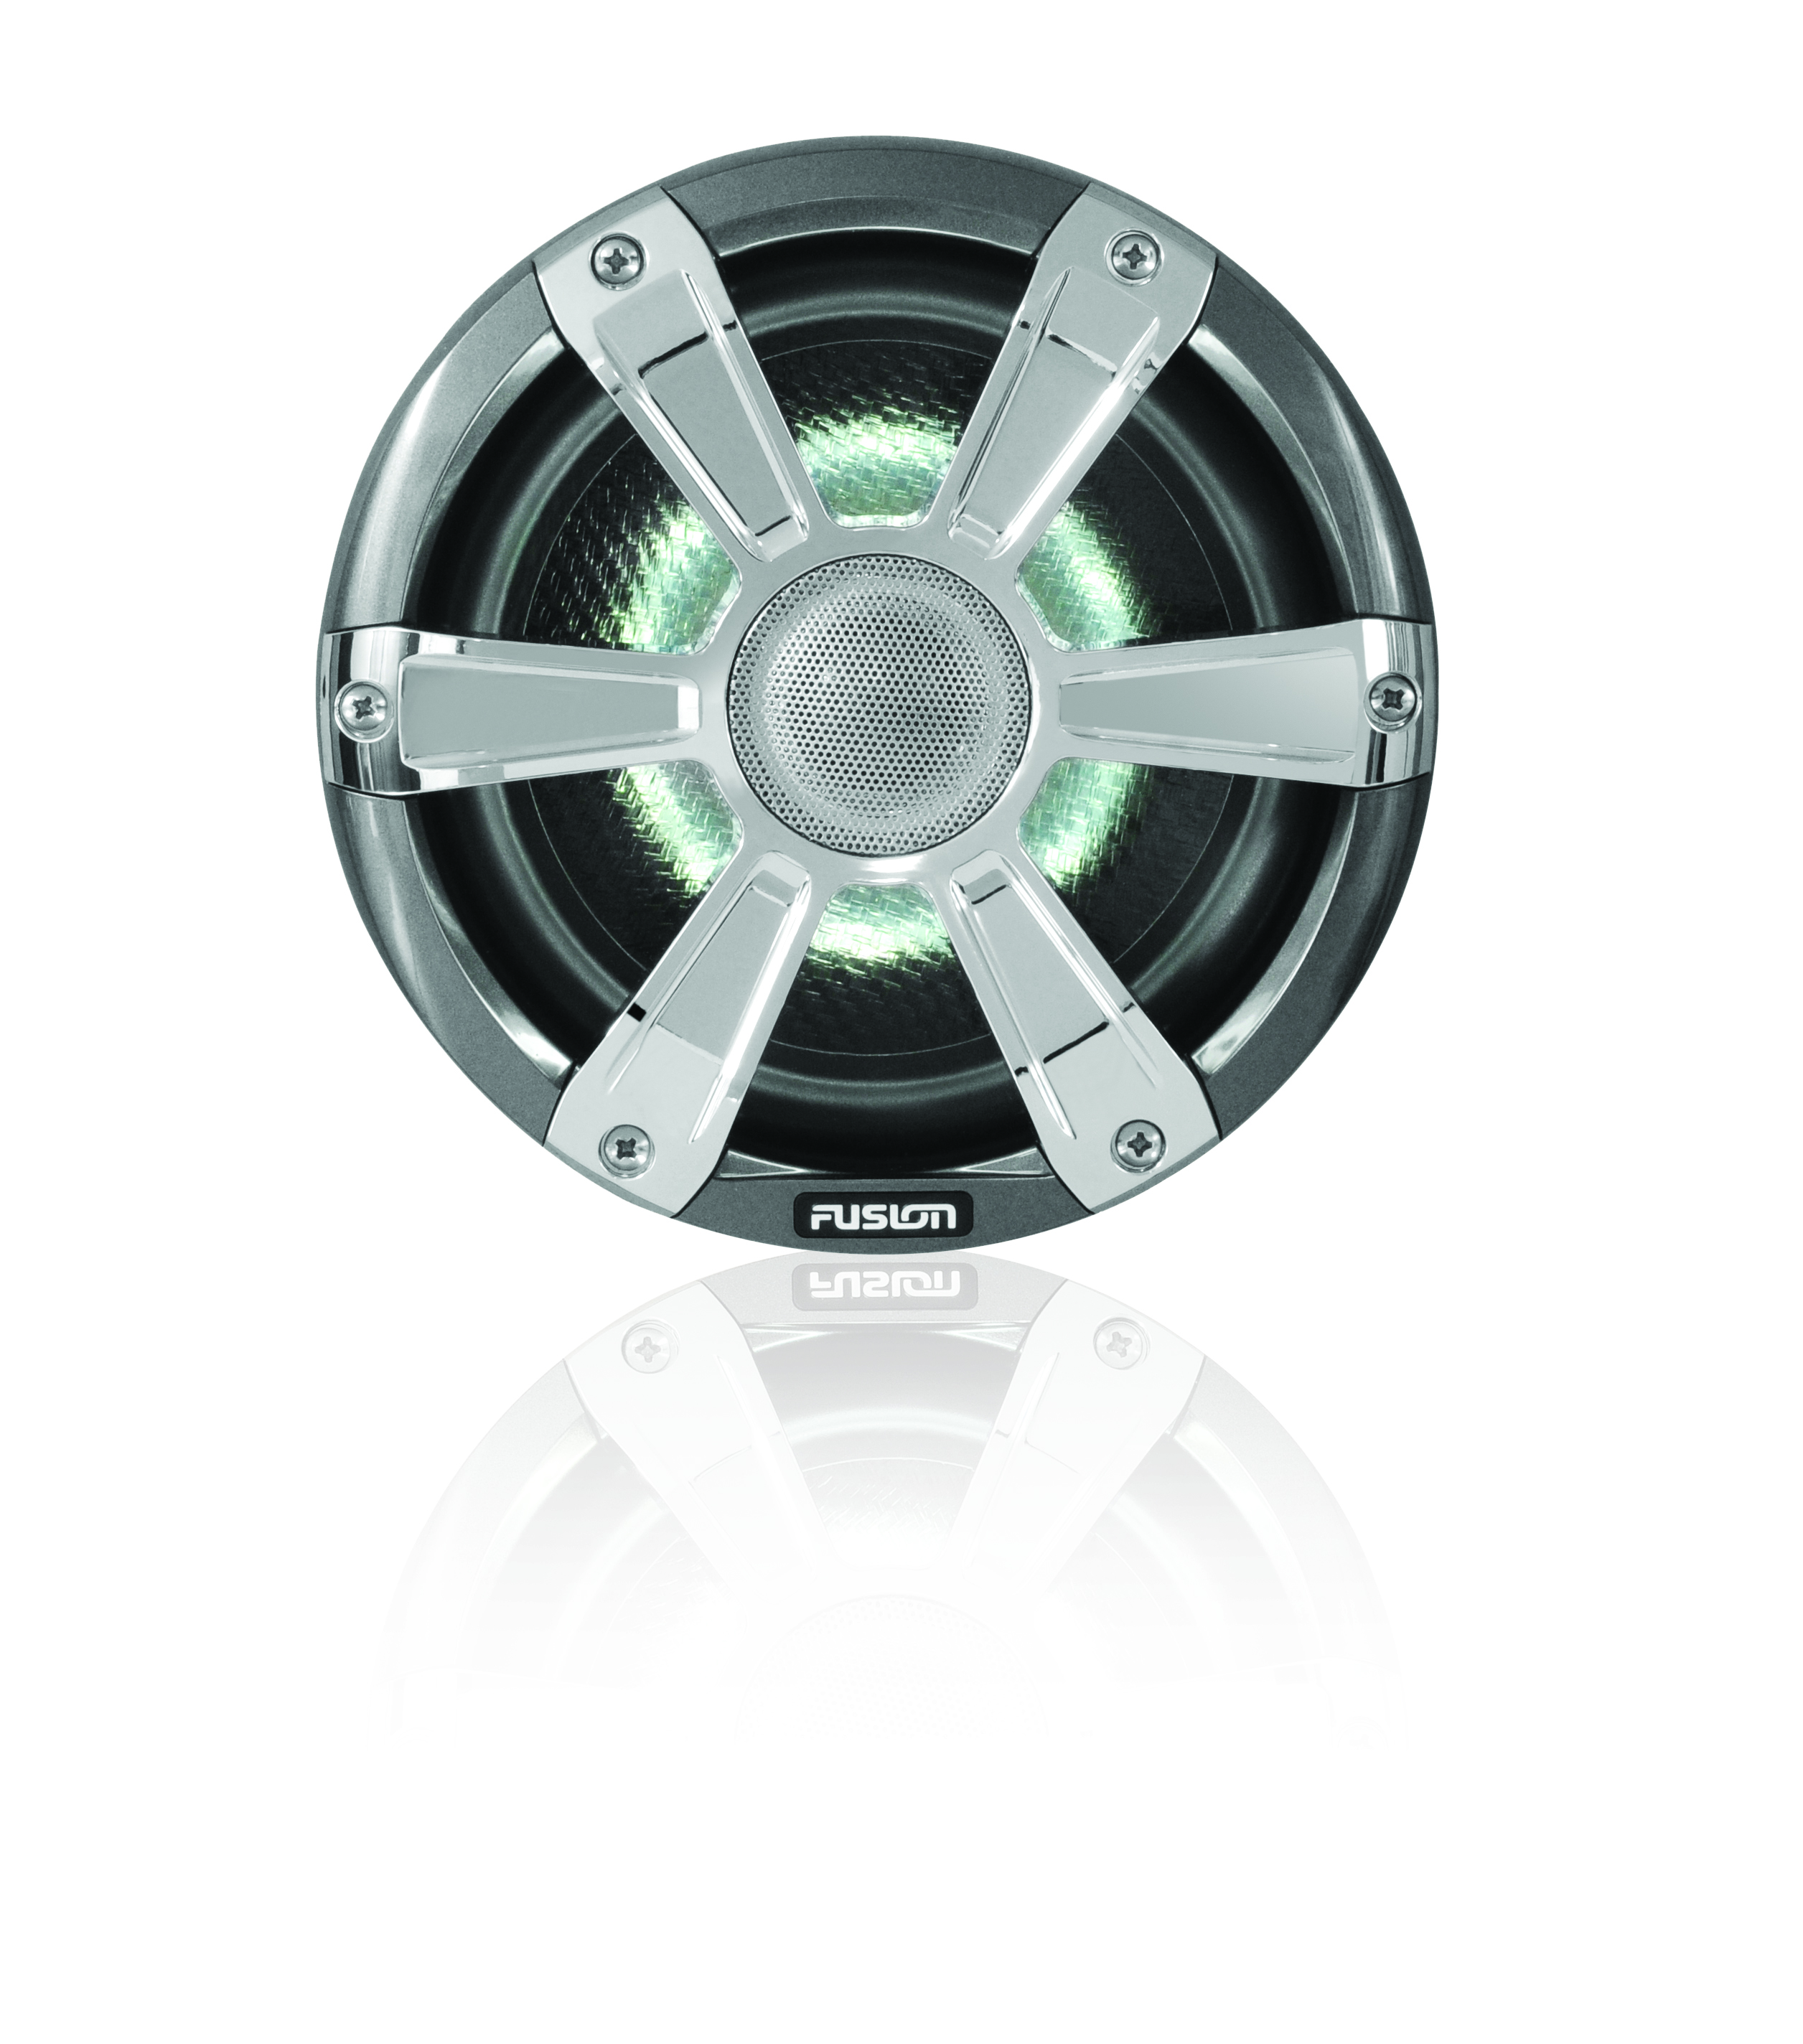 fusion sg fl77spc chrome speaker white led front